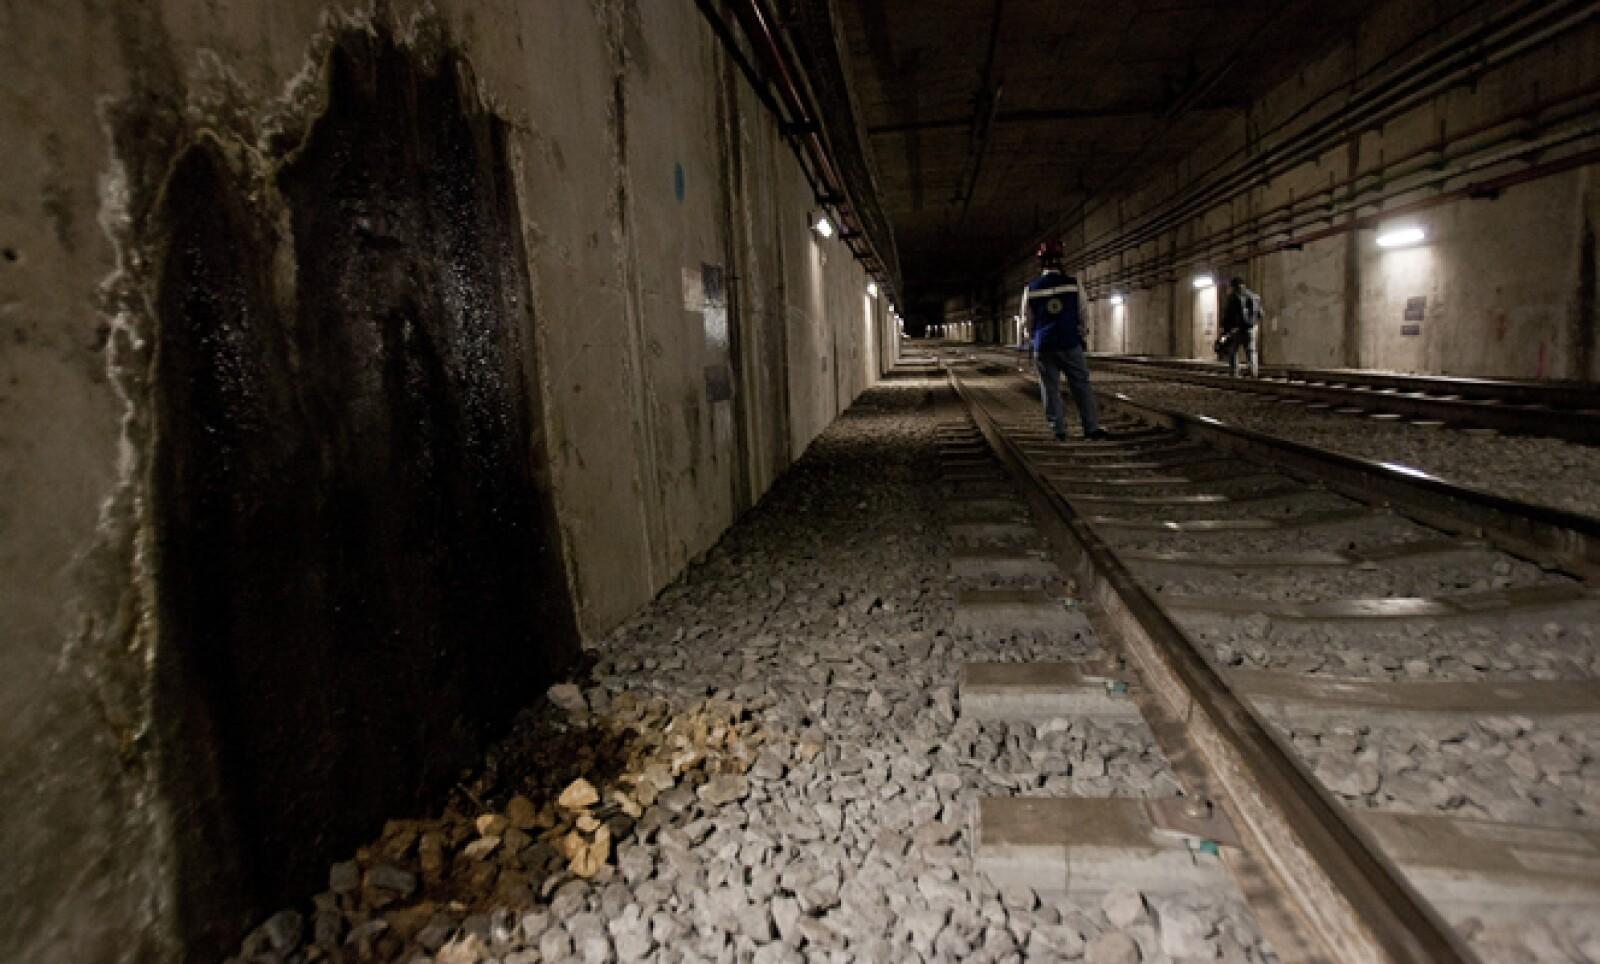 El pasado 28 de octubre fueron reabiertas cinco estaciones de la línea: Periférico Oriente, Calle 11, Lomas Estrella, San Andrés Tomatlán y Culhuacán.